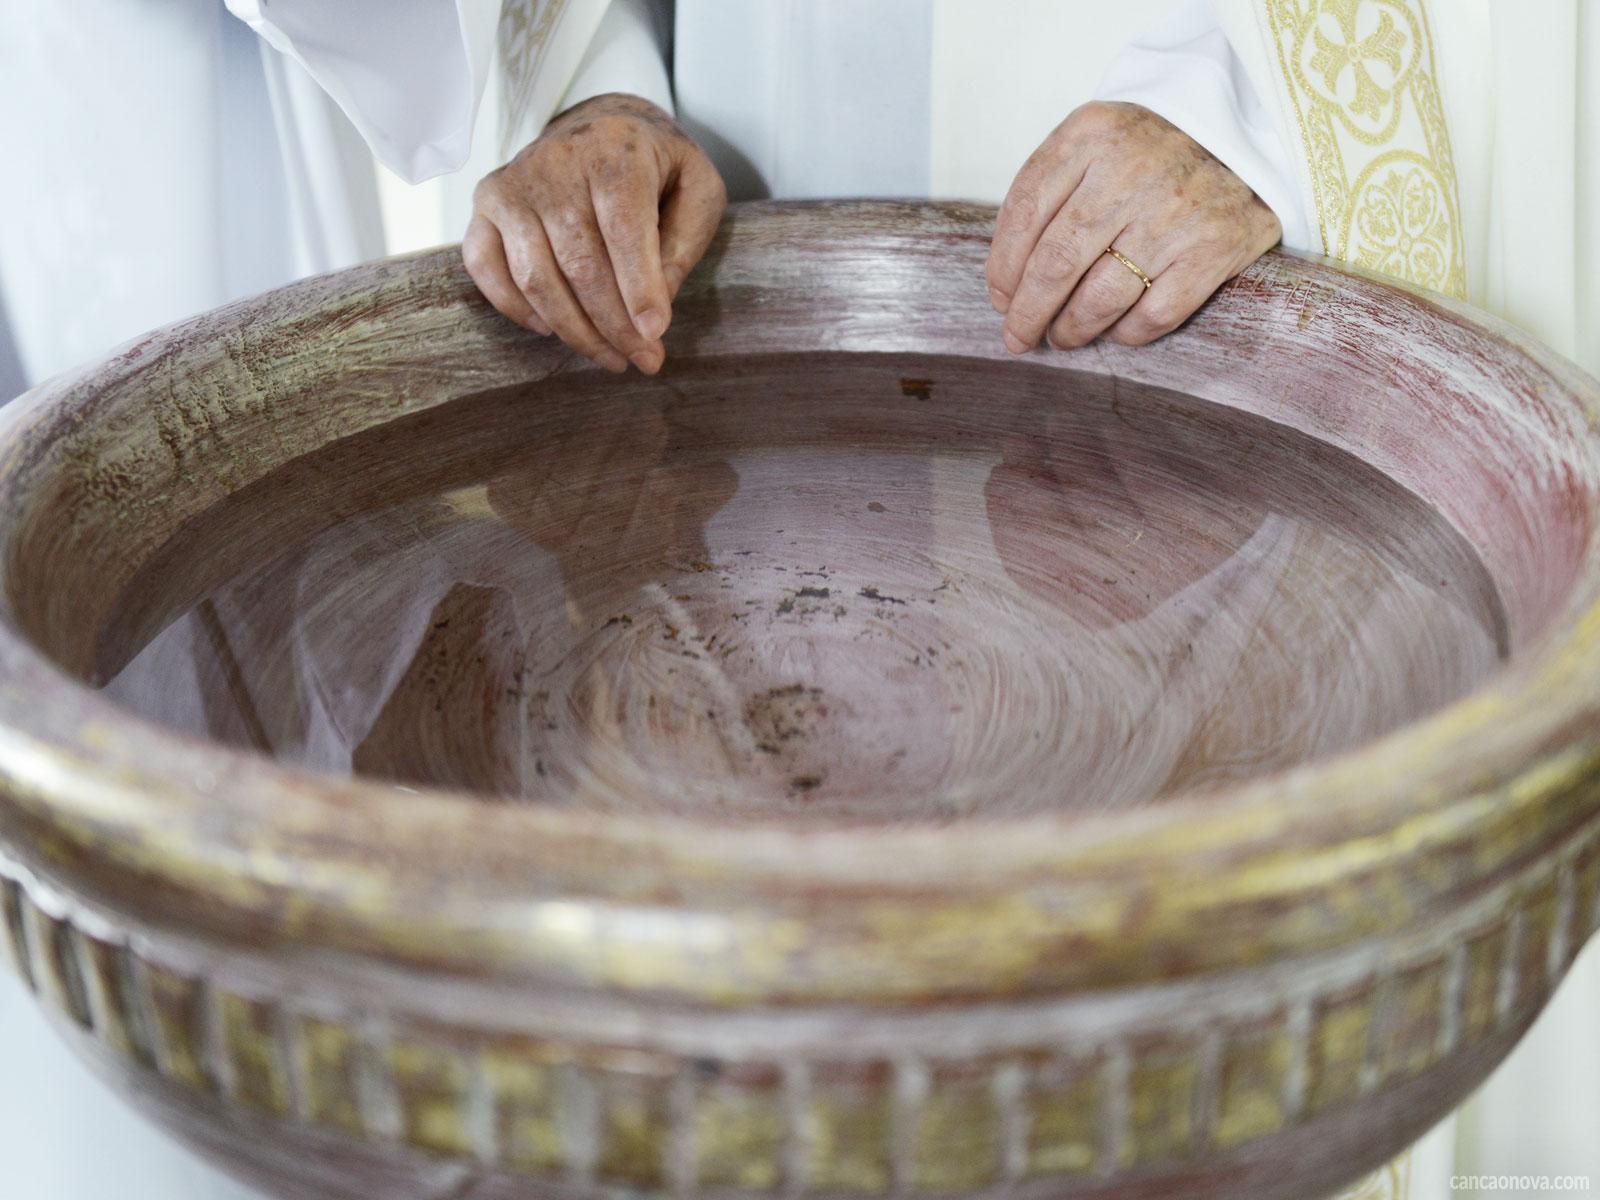 -Você-sabe-qual-é-a-simbologia-da-água-no-contexto-bíblico